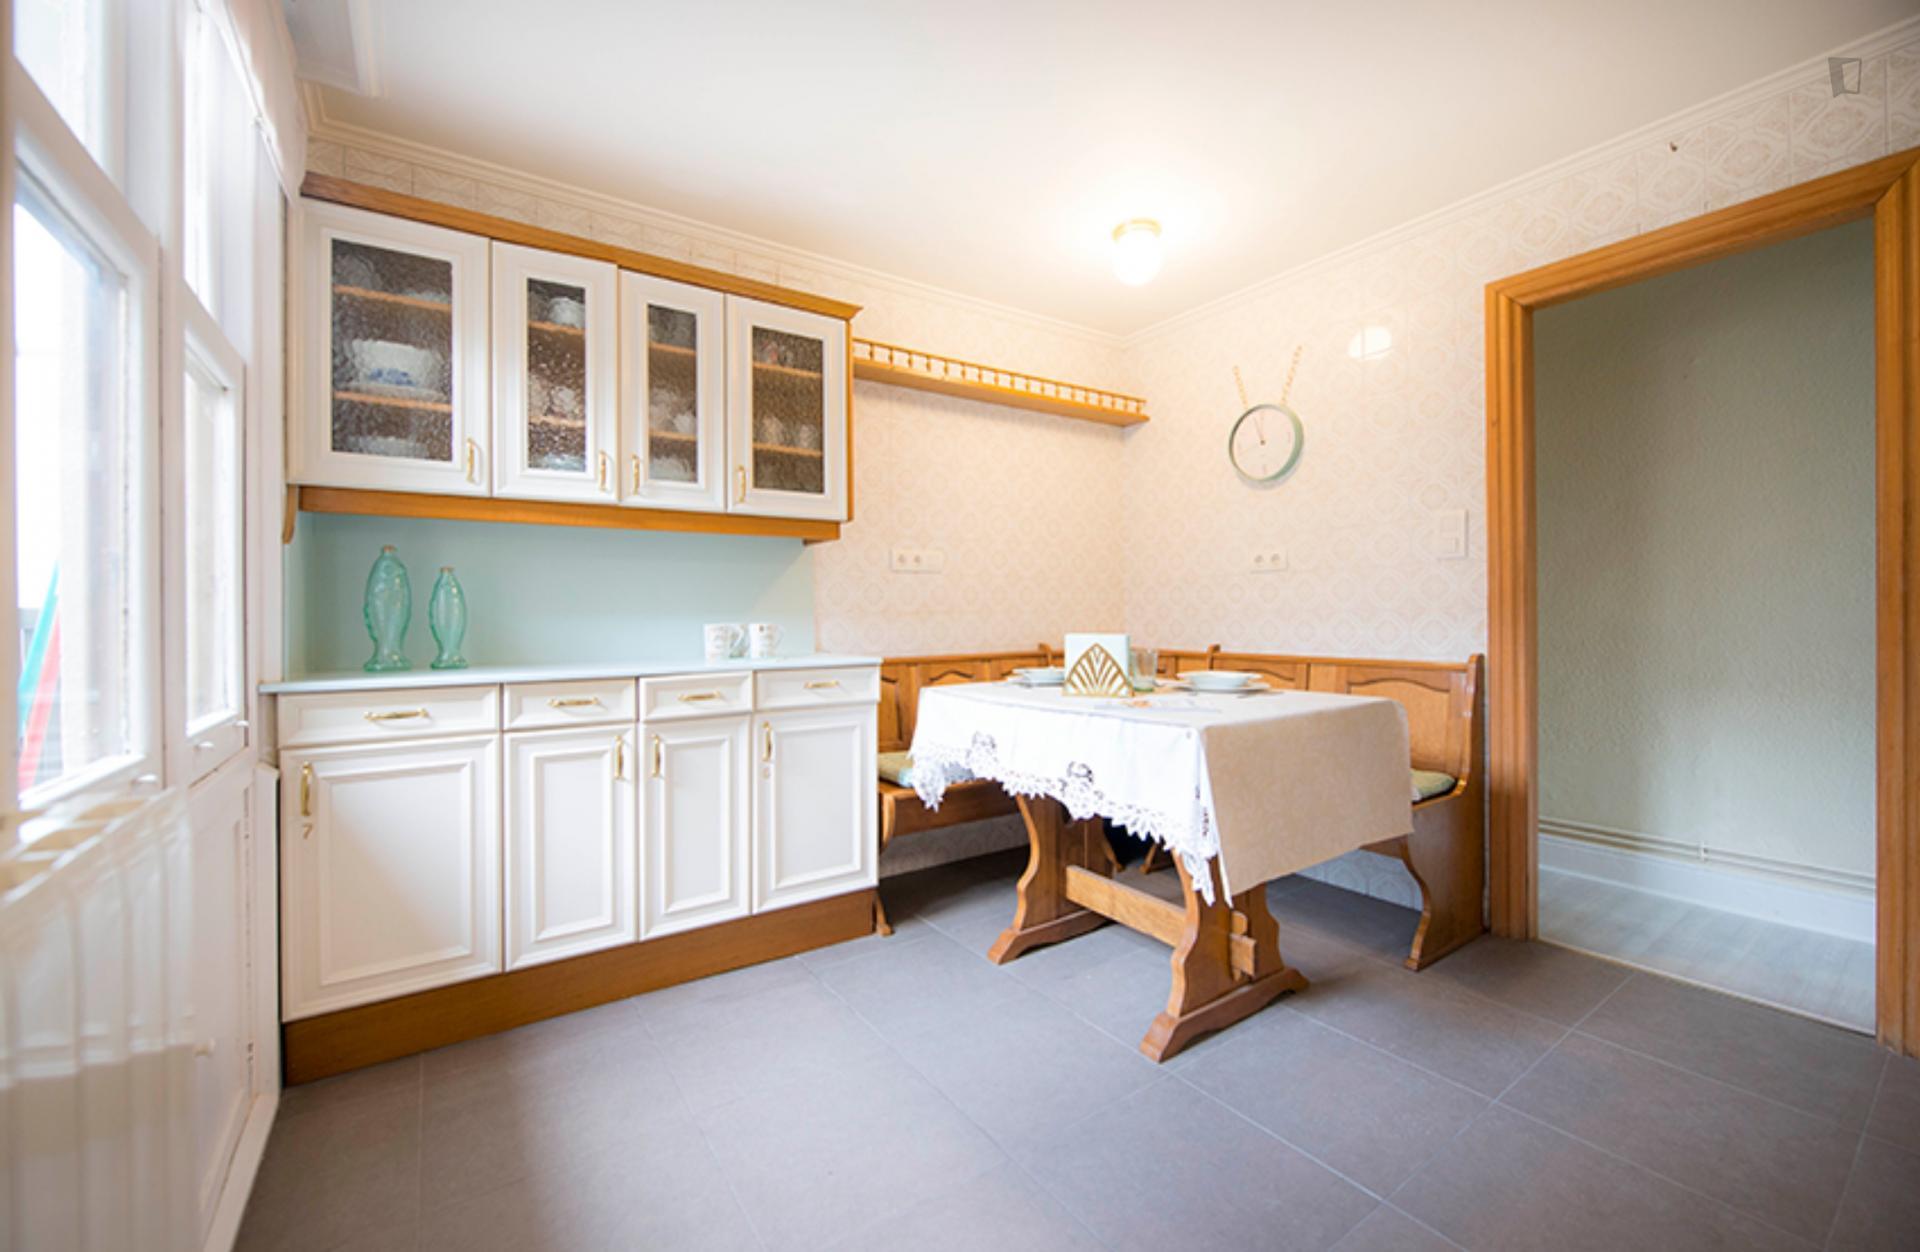 Indautxu - Habitación de diseño Bilbao